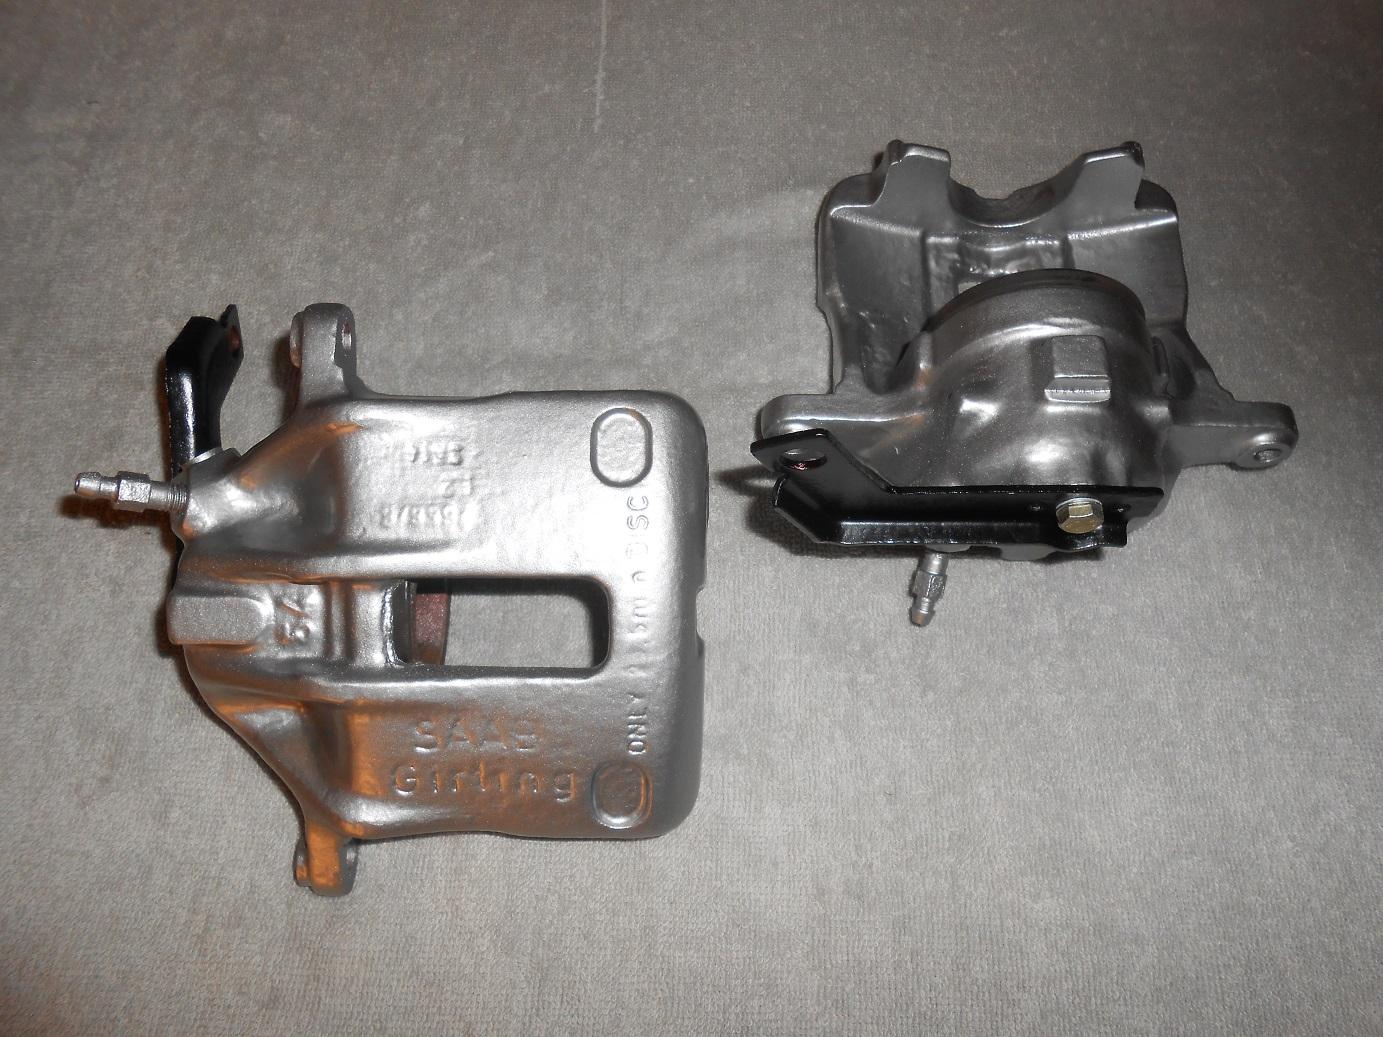 Mcy-75